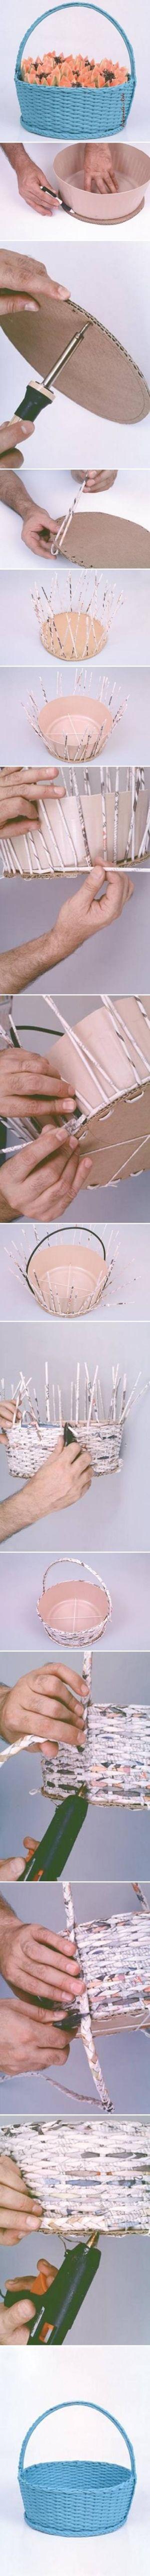 DIY Einfache Zeitung Korb DIY Einfache Zeitung Basket von diyforever